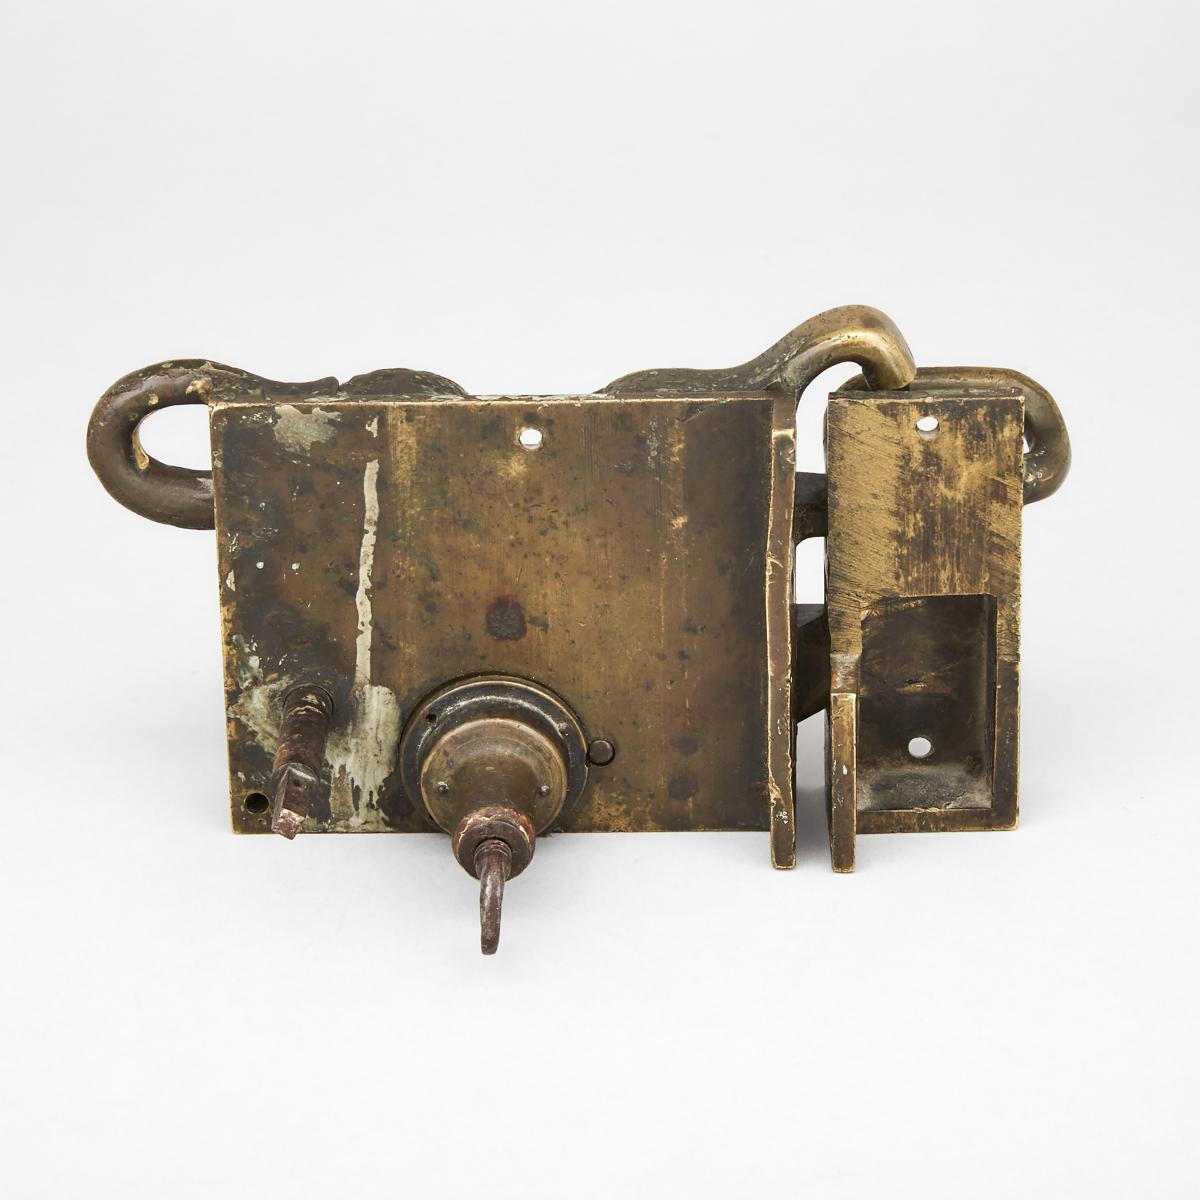 Serpent Form Brass Door Lockset, 18th century or earlier, 3.9 x 7.9 in — 10 x 20 cm - Image 2 of 2